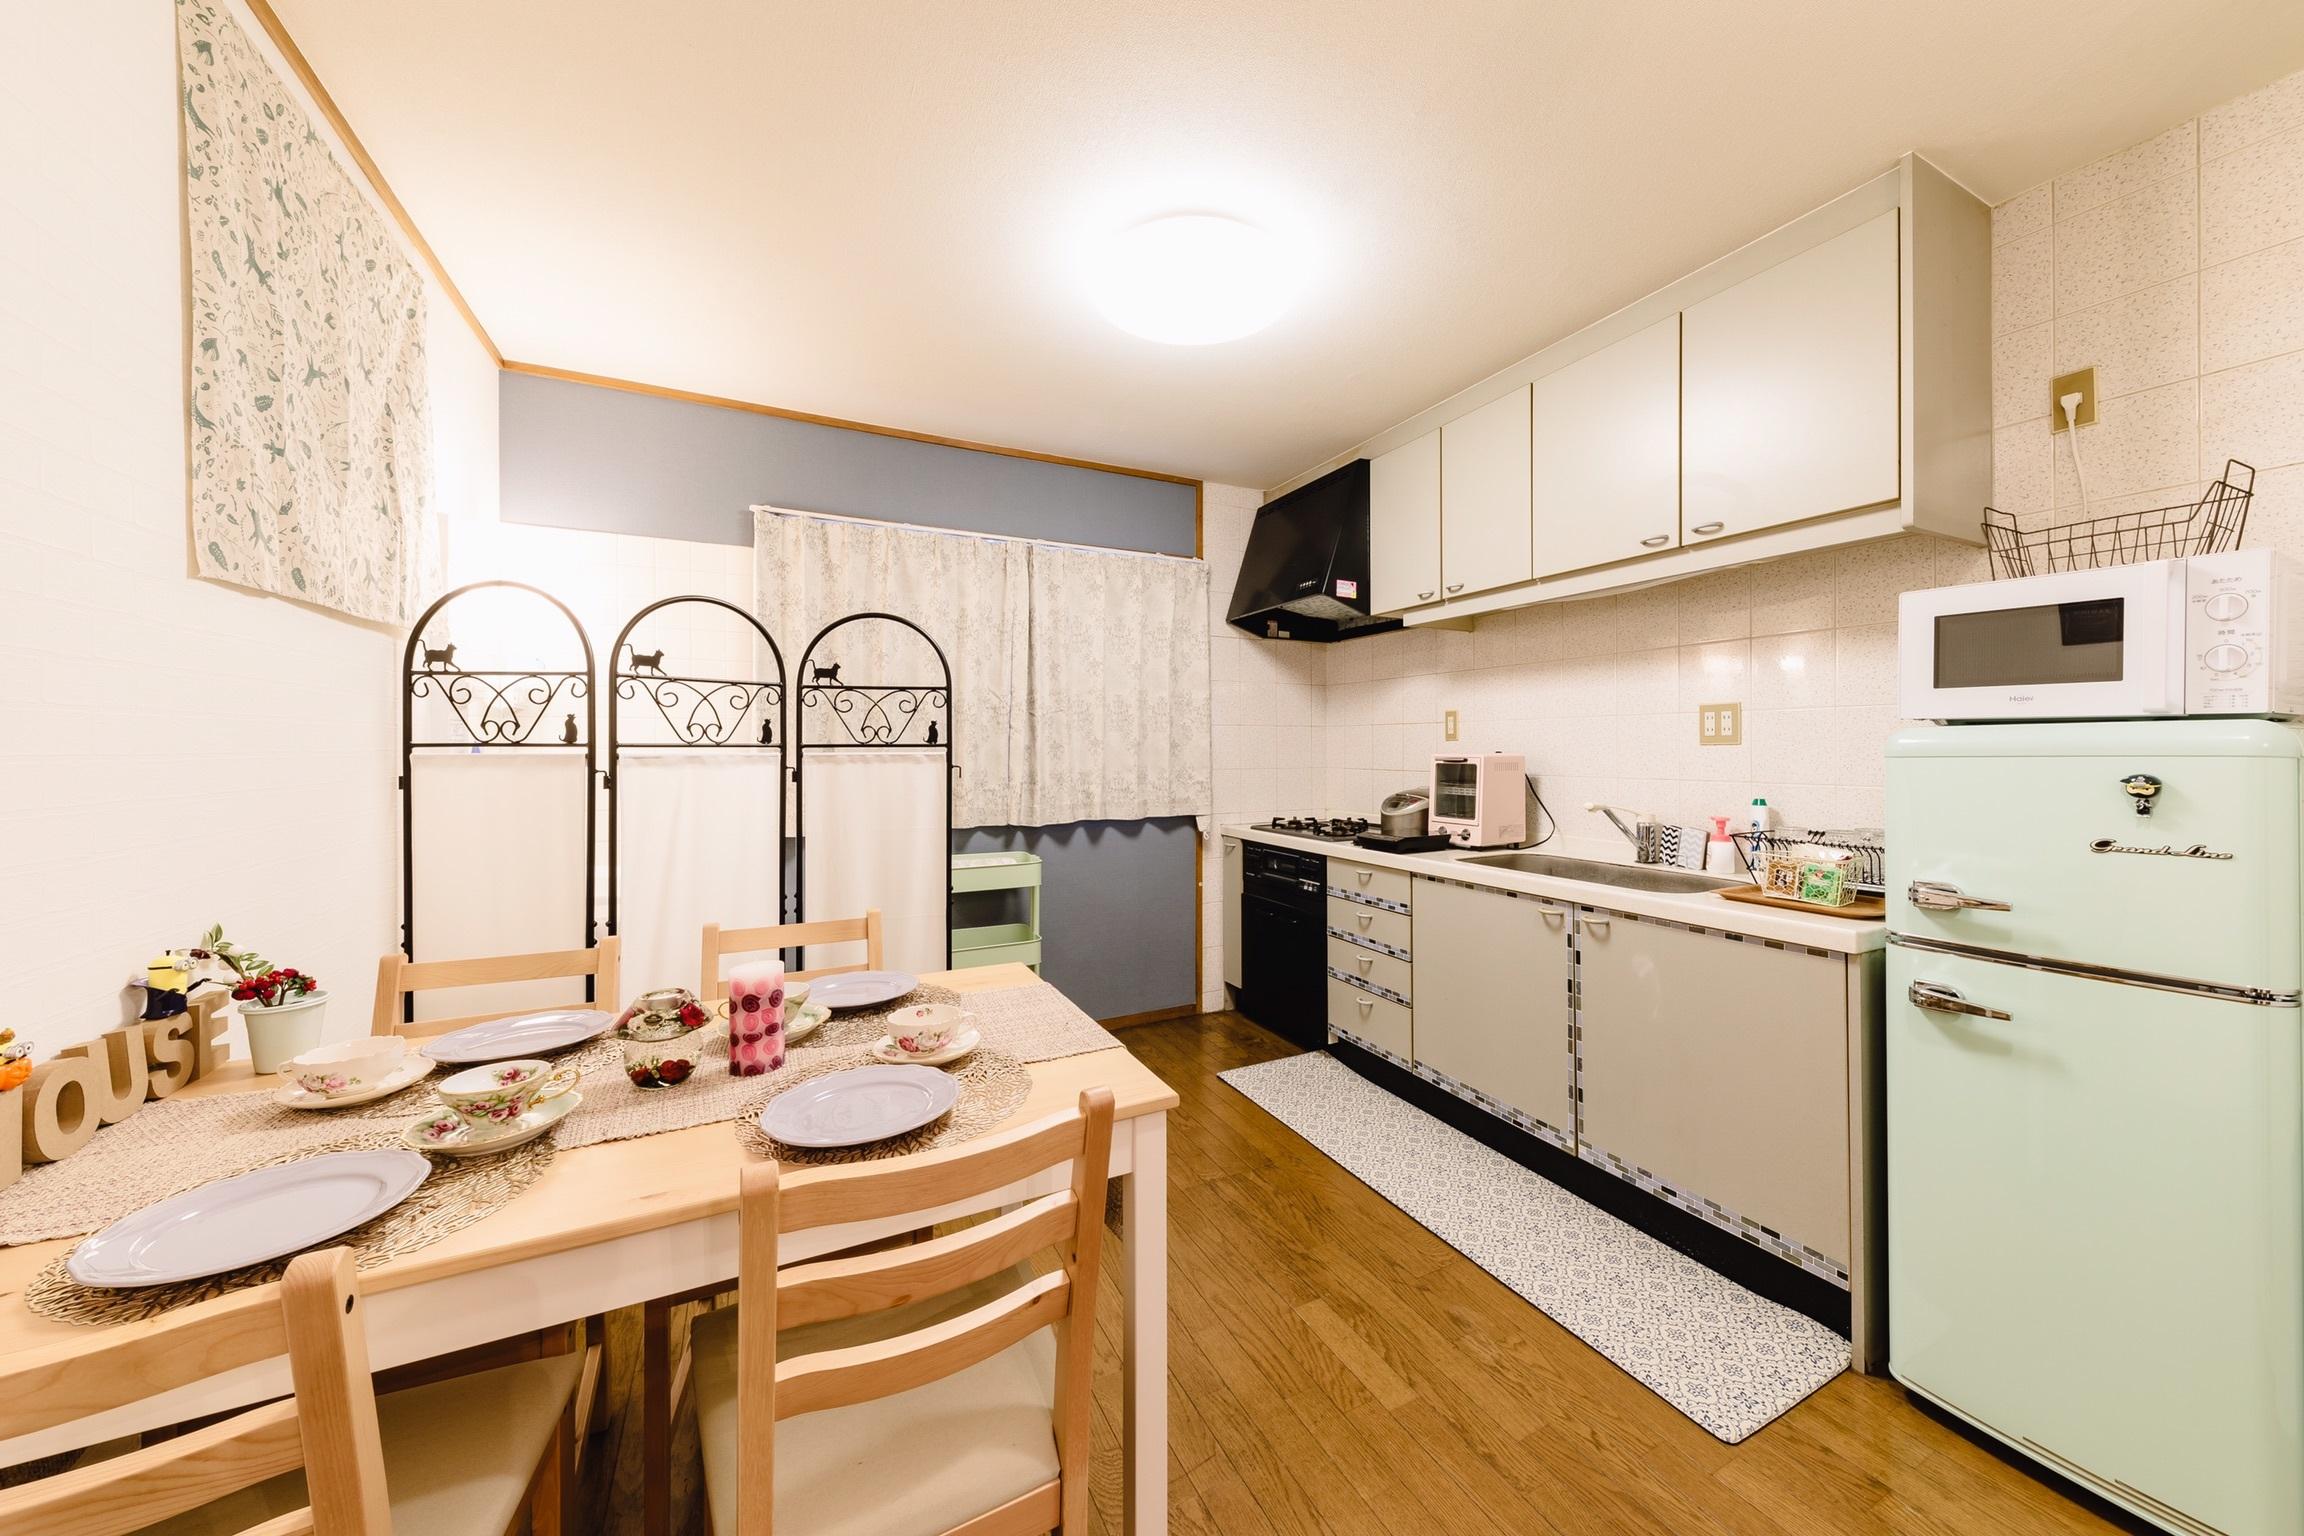 GBL HOUSE OSAKA 駐車場付きおしゃれな戸建て貸切の室内の写真